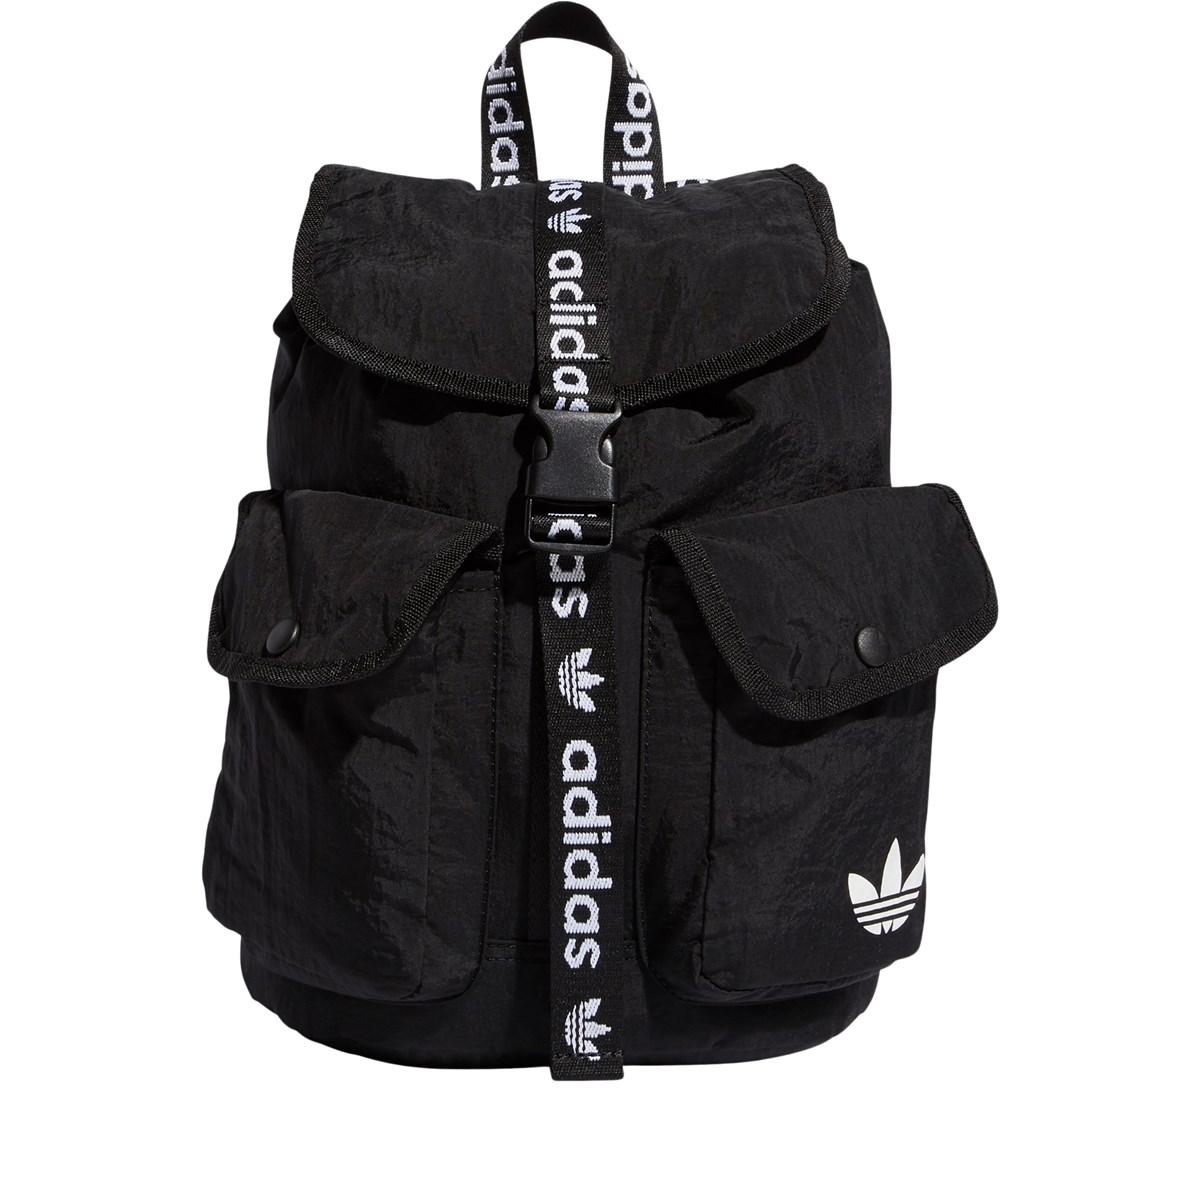 Utility Mini Backpack in Black